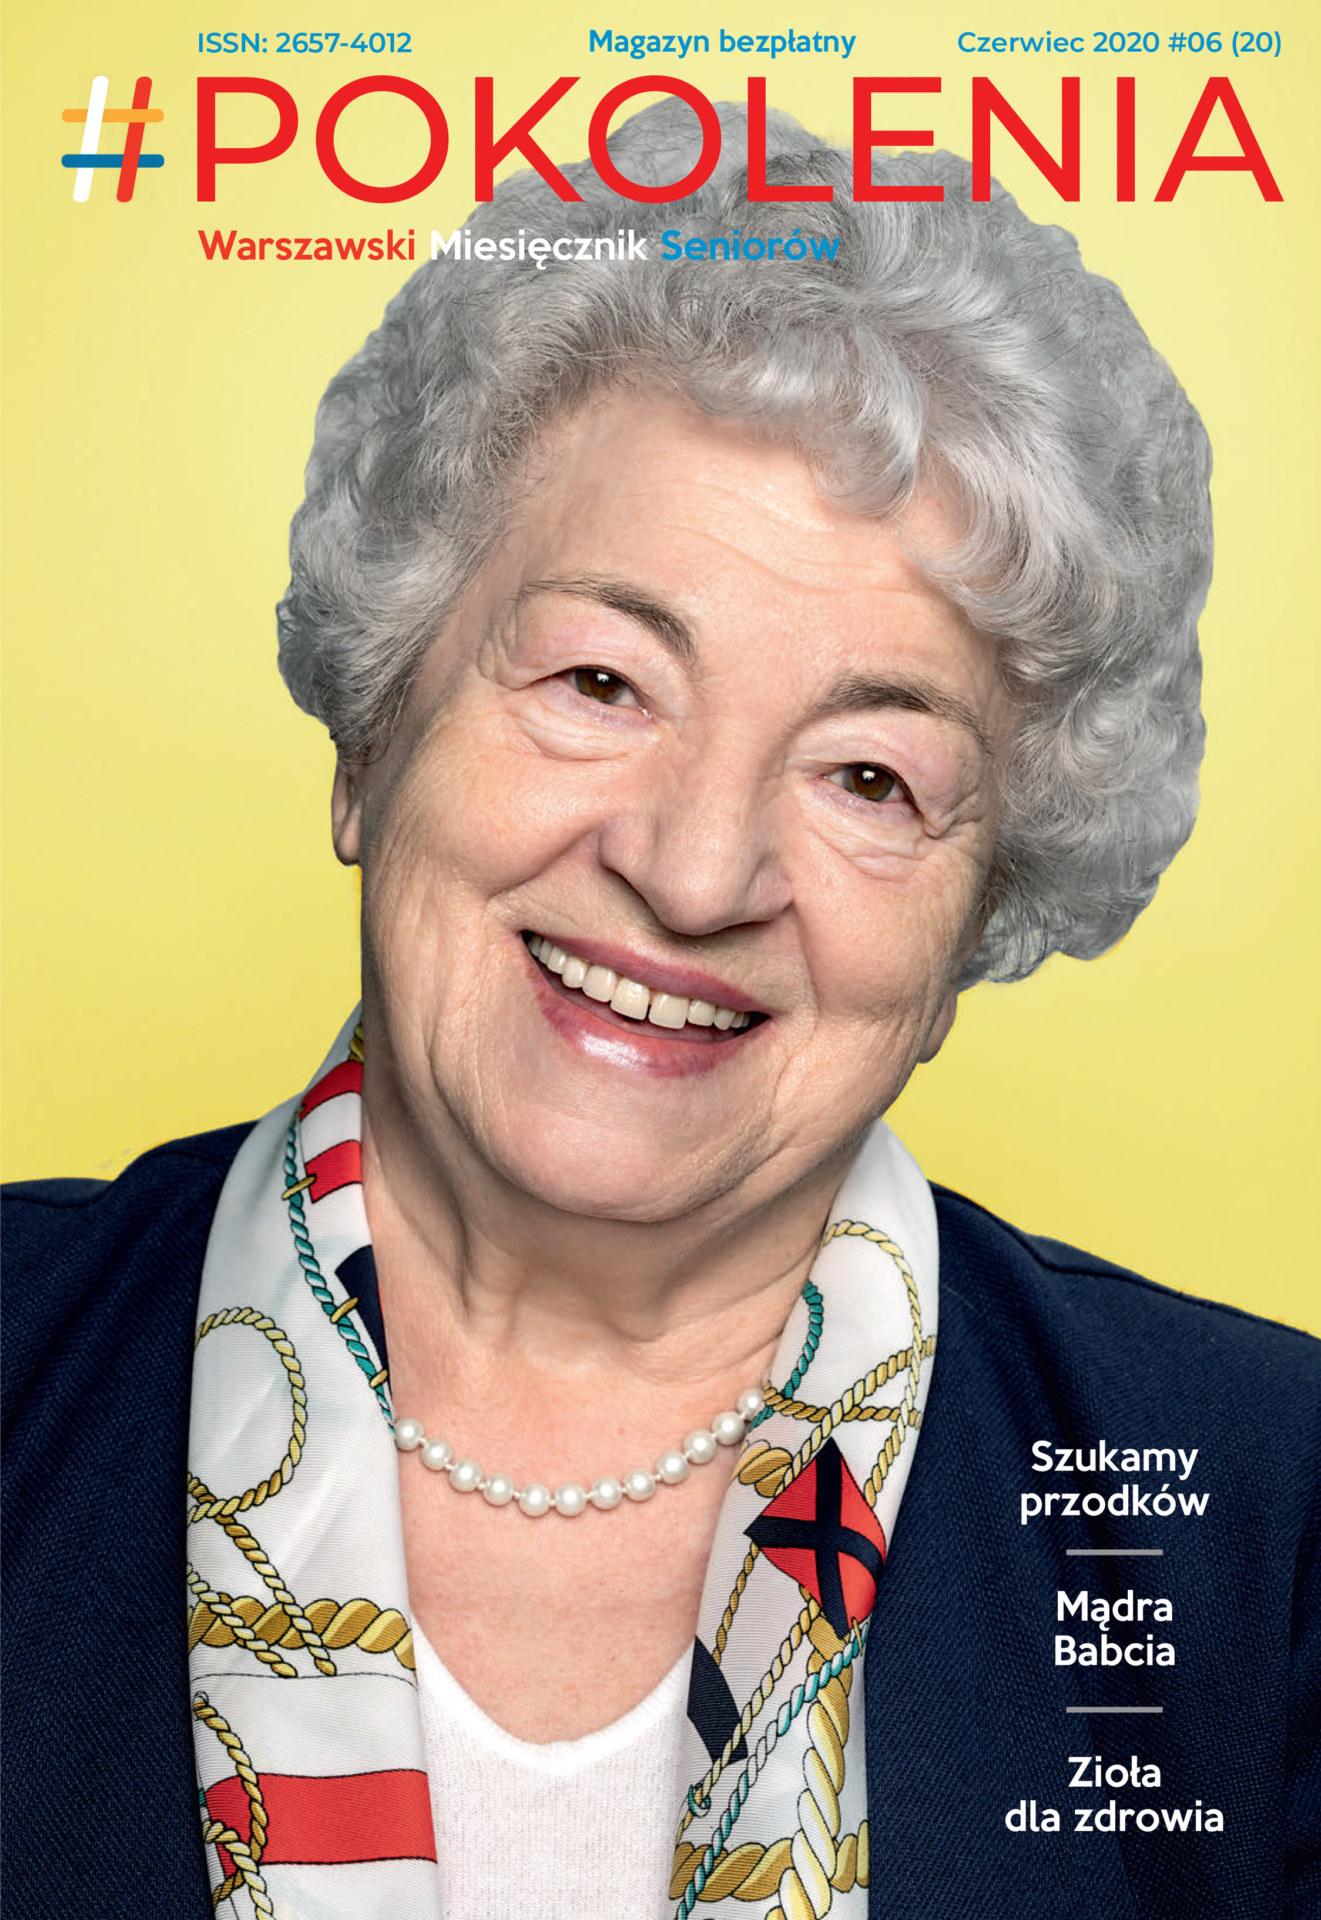 Seniorka uśmiechnięta w czarnej marynarce i kolorowej chustce na szyi.